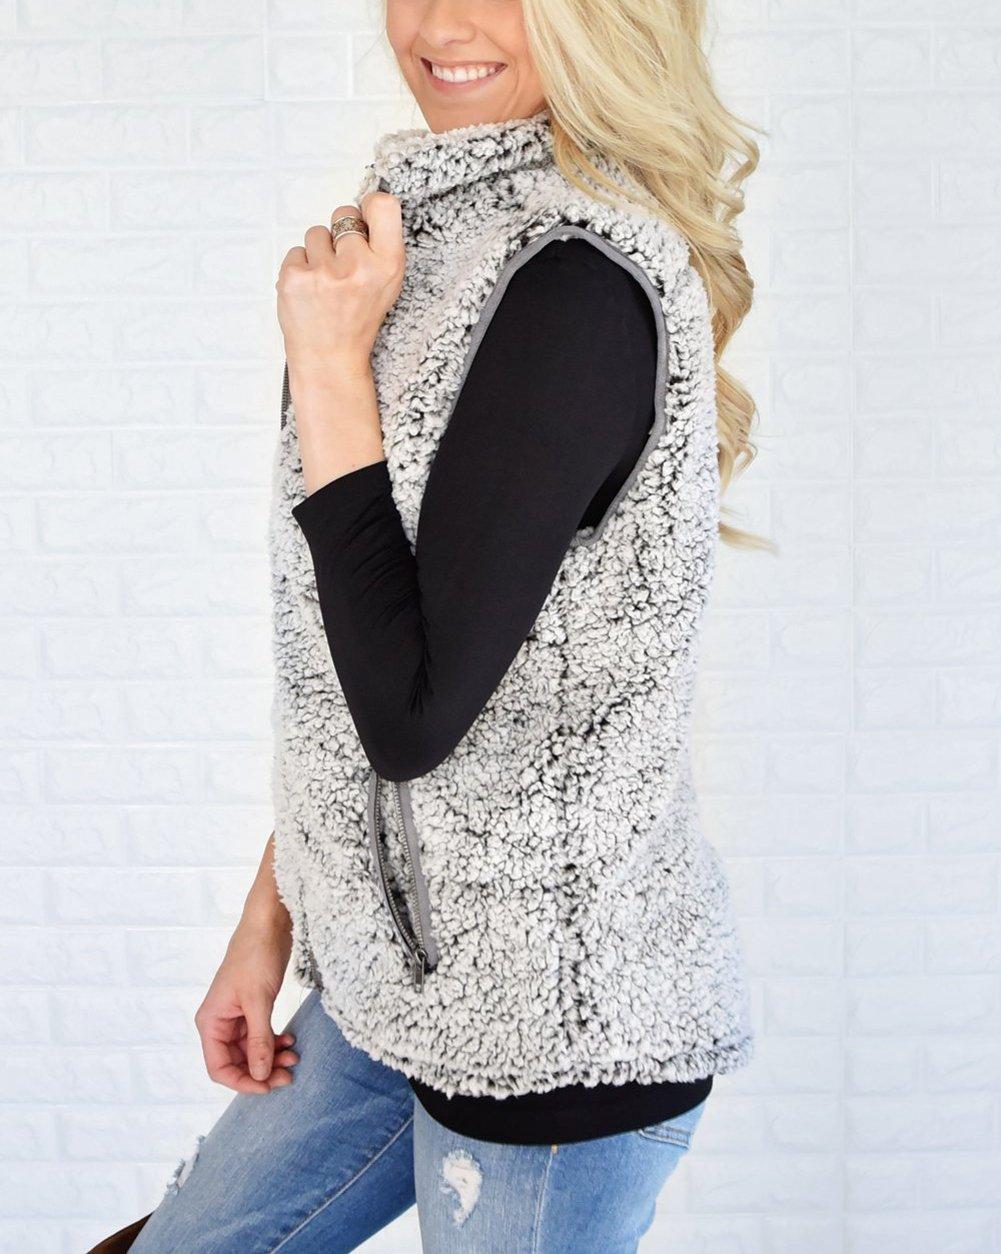 MEROKEETY Women's Casual Sherpa Fleece Lightweight Fall Warm Zipper Vest Pockets by MEROKEETY (Image #2)